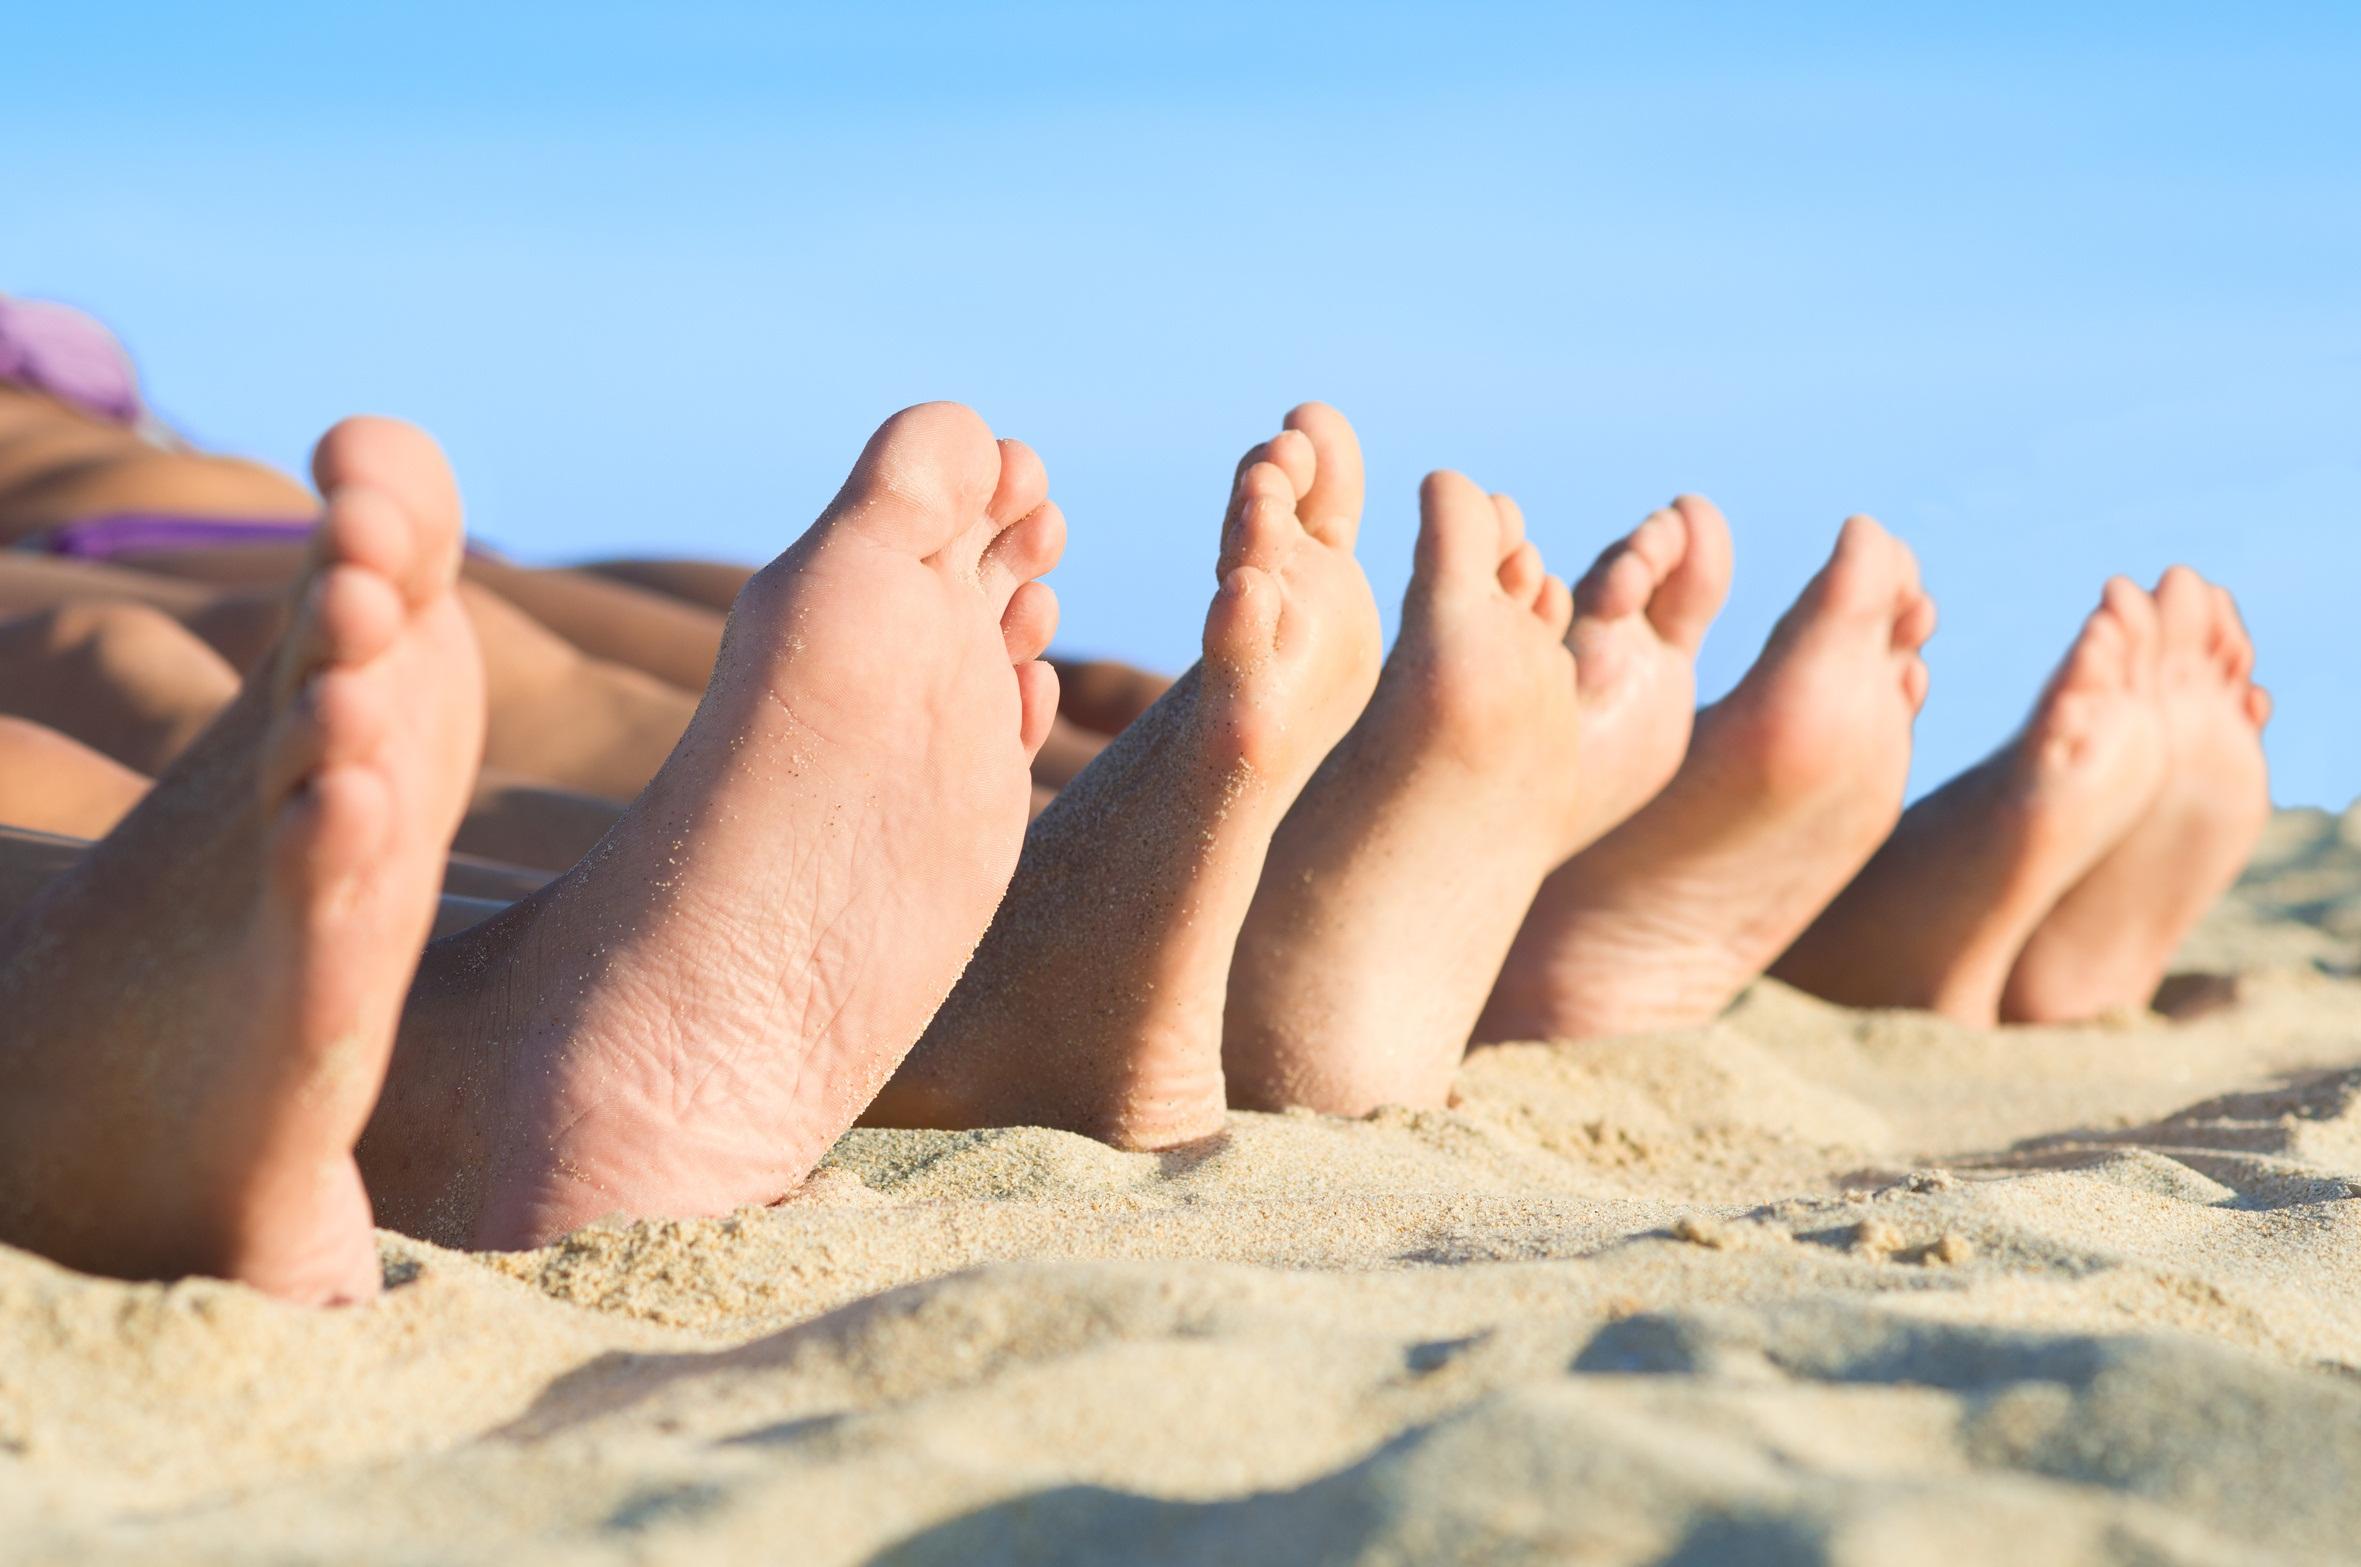 feet-beach-sand-bunion